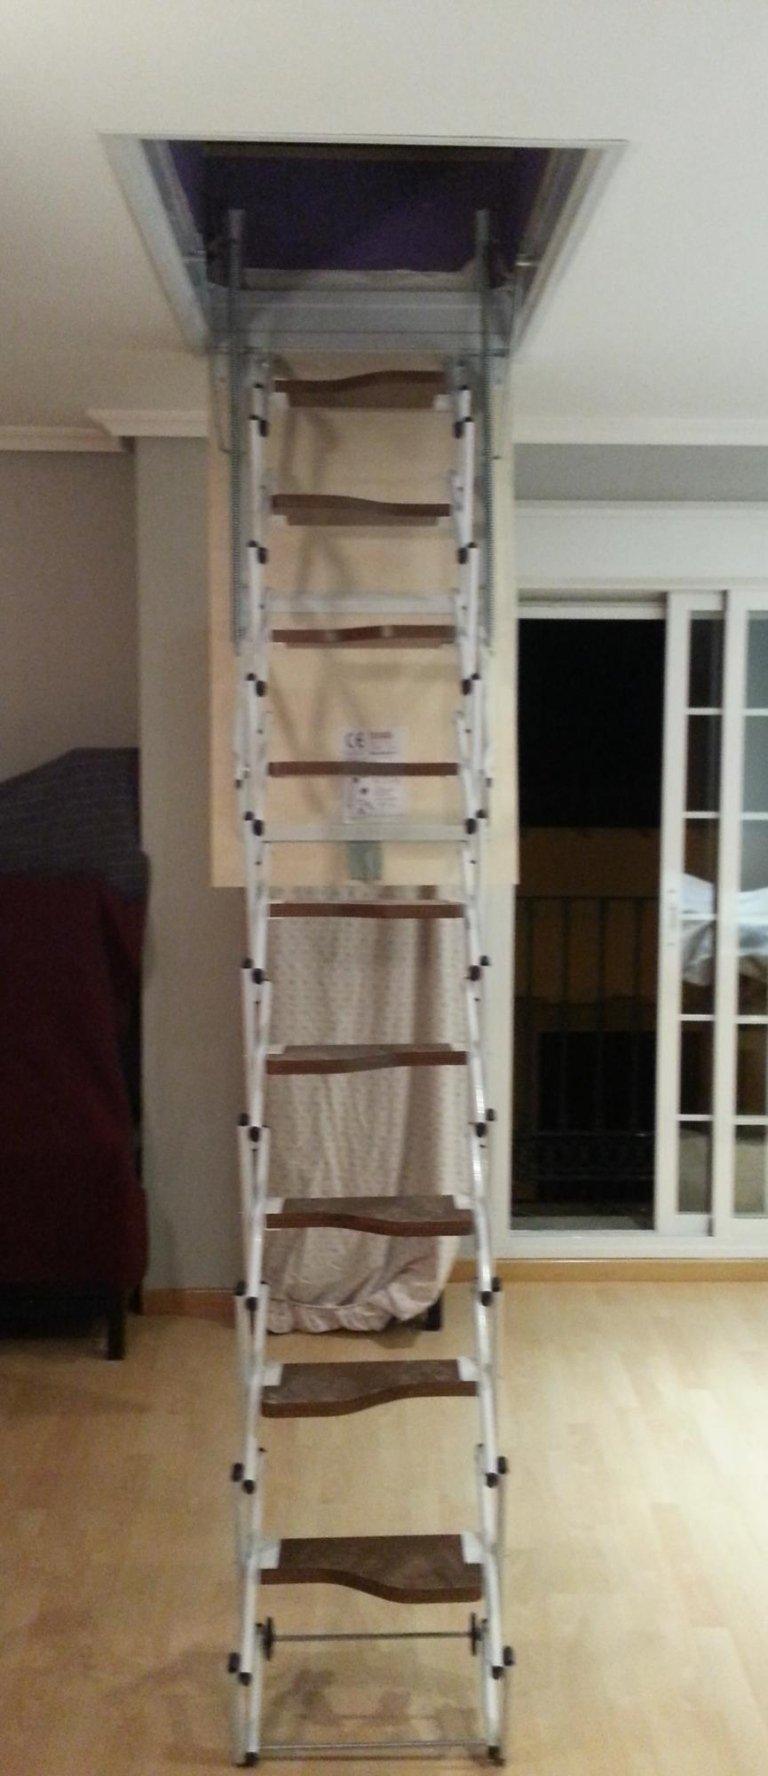 escalier accordéon marches en bois.jpeg